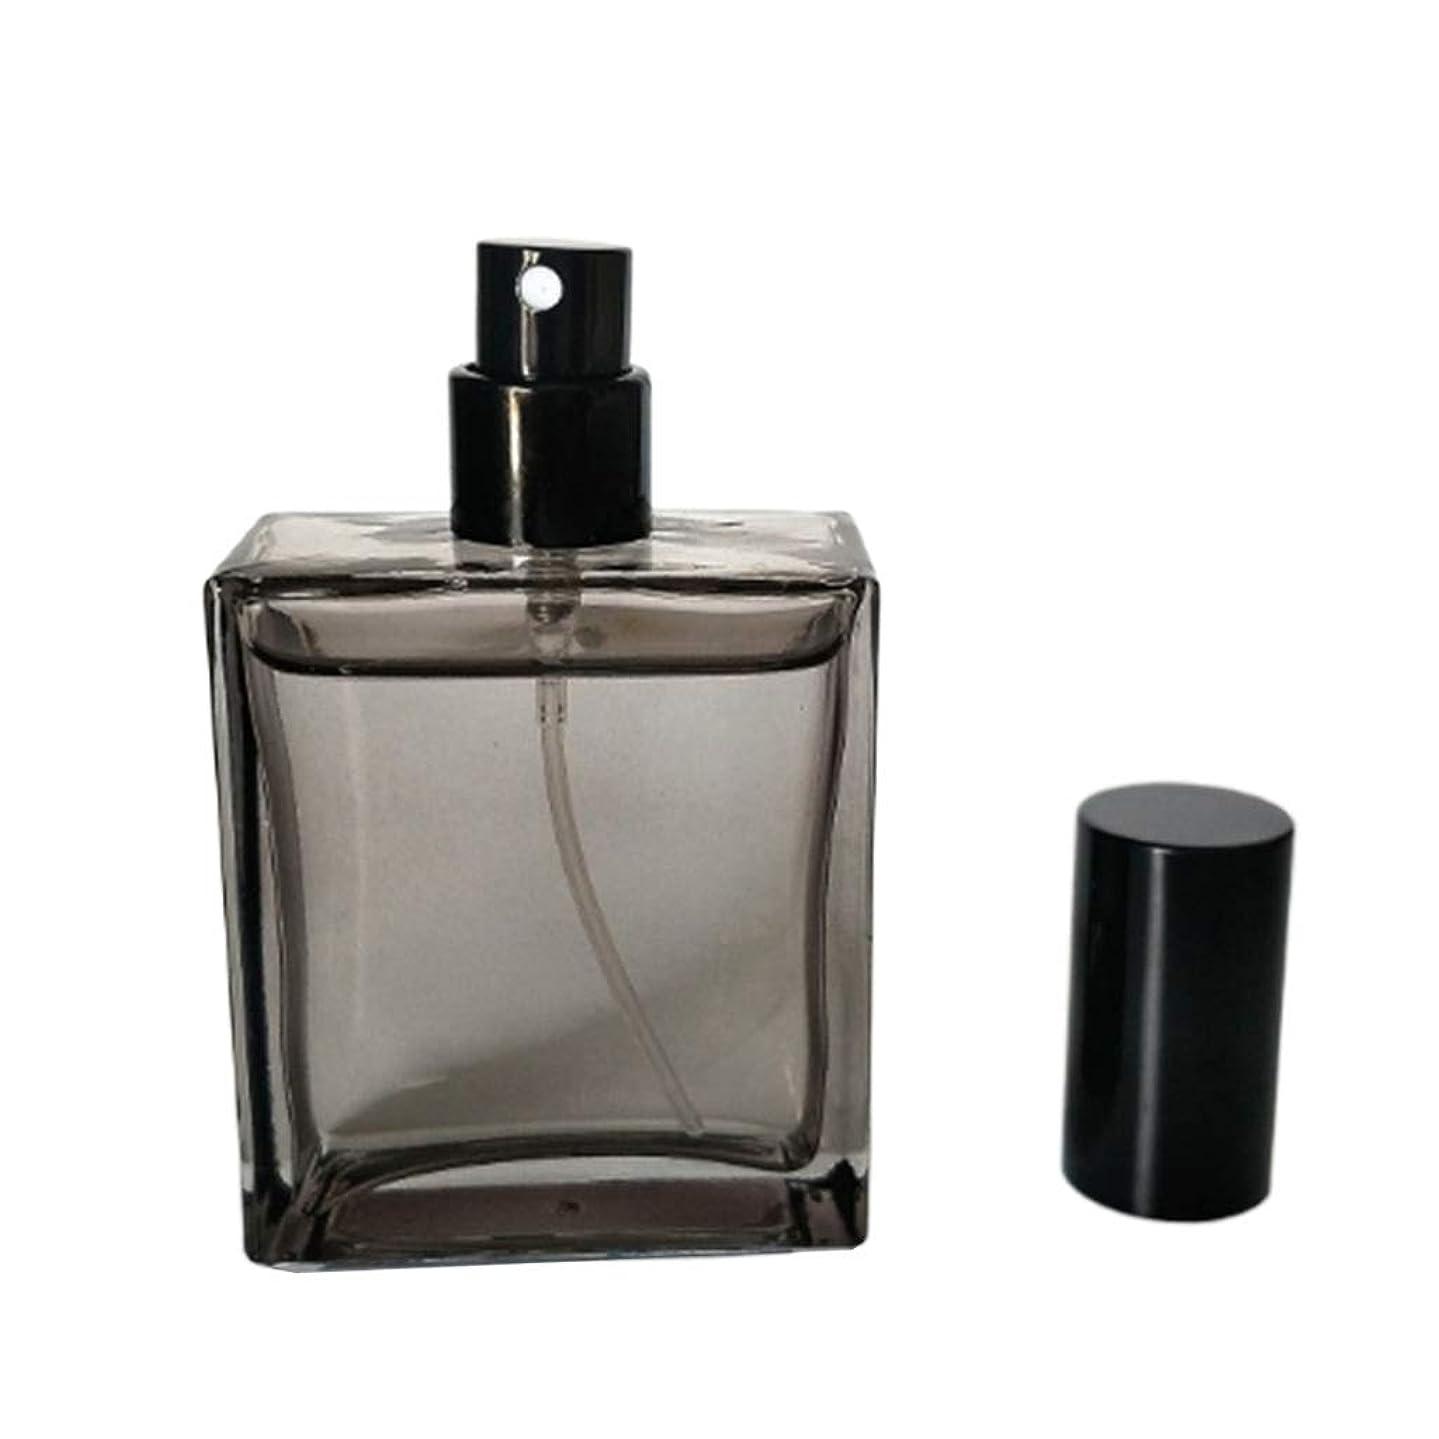 確率不条理絶対のInjoyo ガラス スプレーボトル ポンプボトル 詰め替え 香水アトマイザー 化粧水瓶 噴霧器 50ML おしゃれ